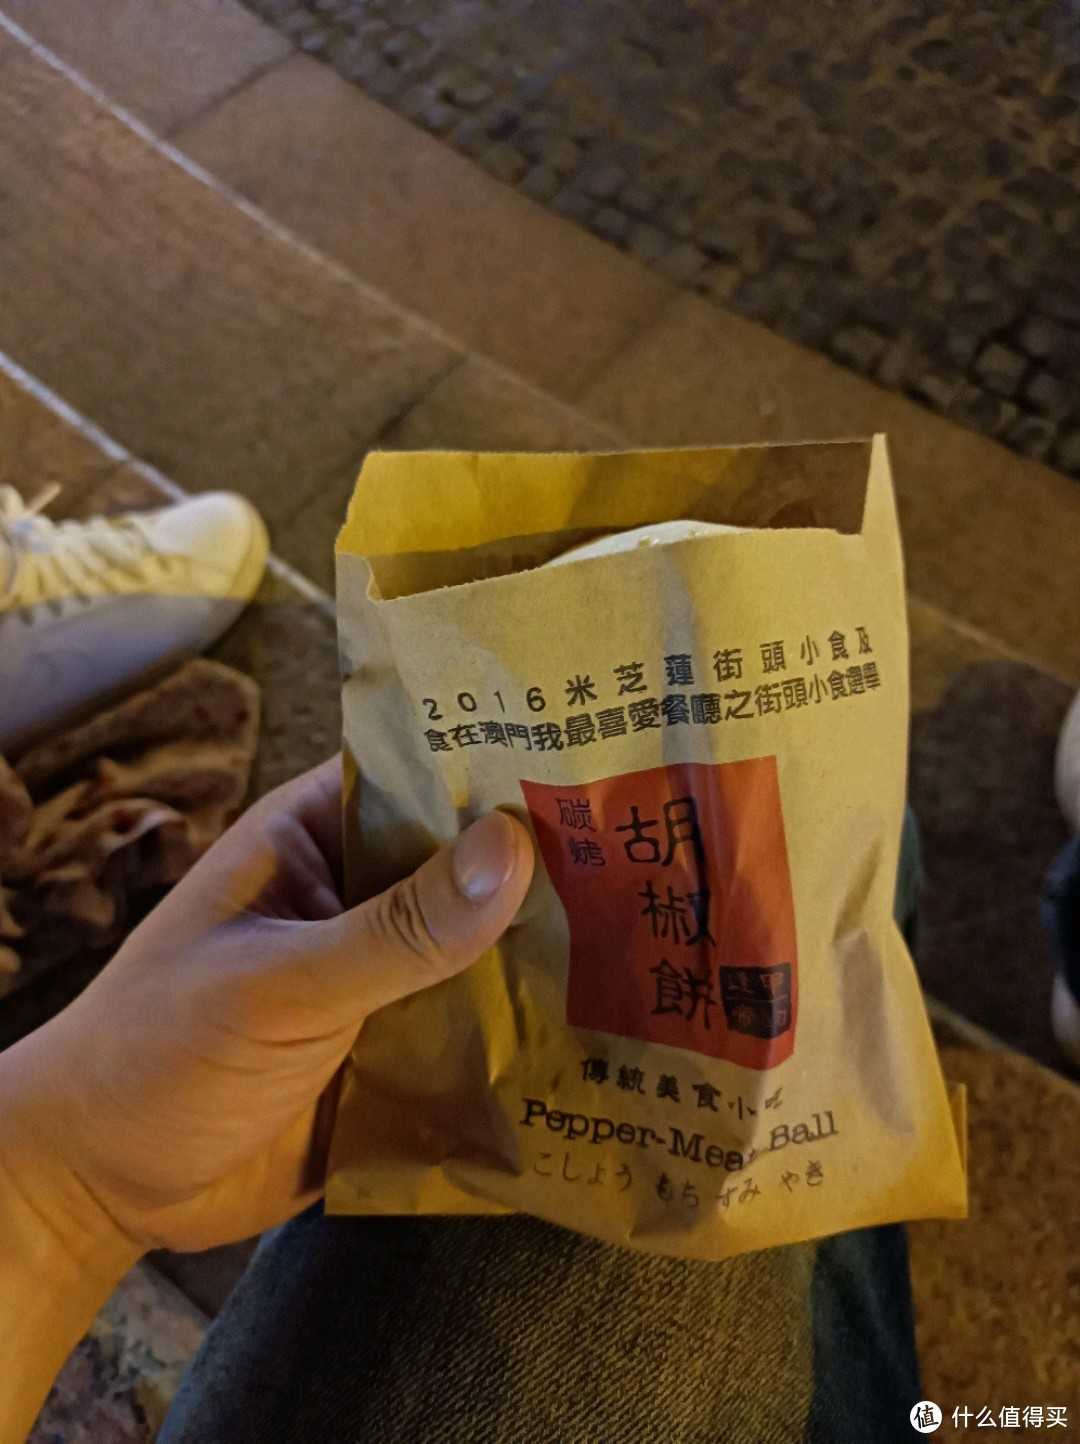 米其林推荐的胡椒饼